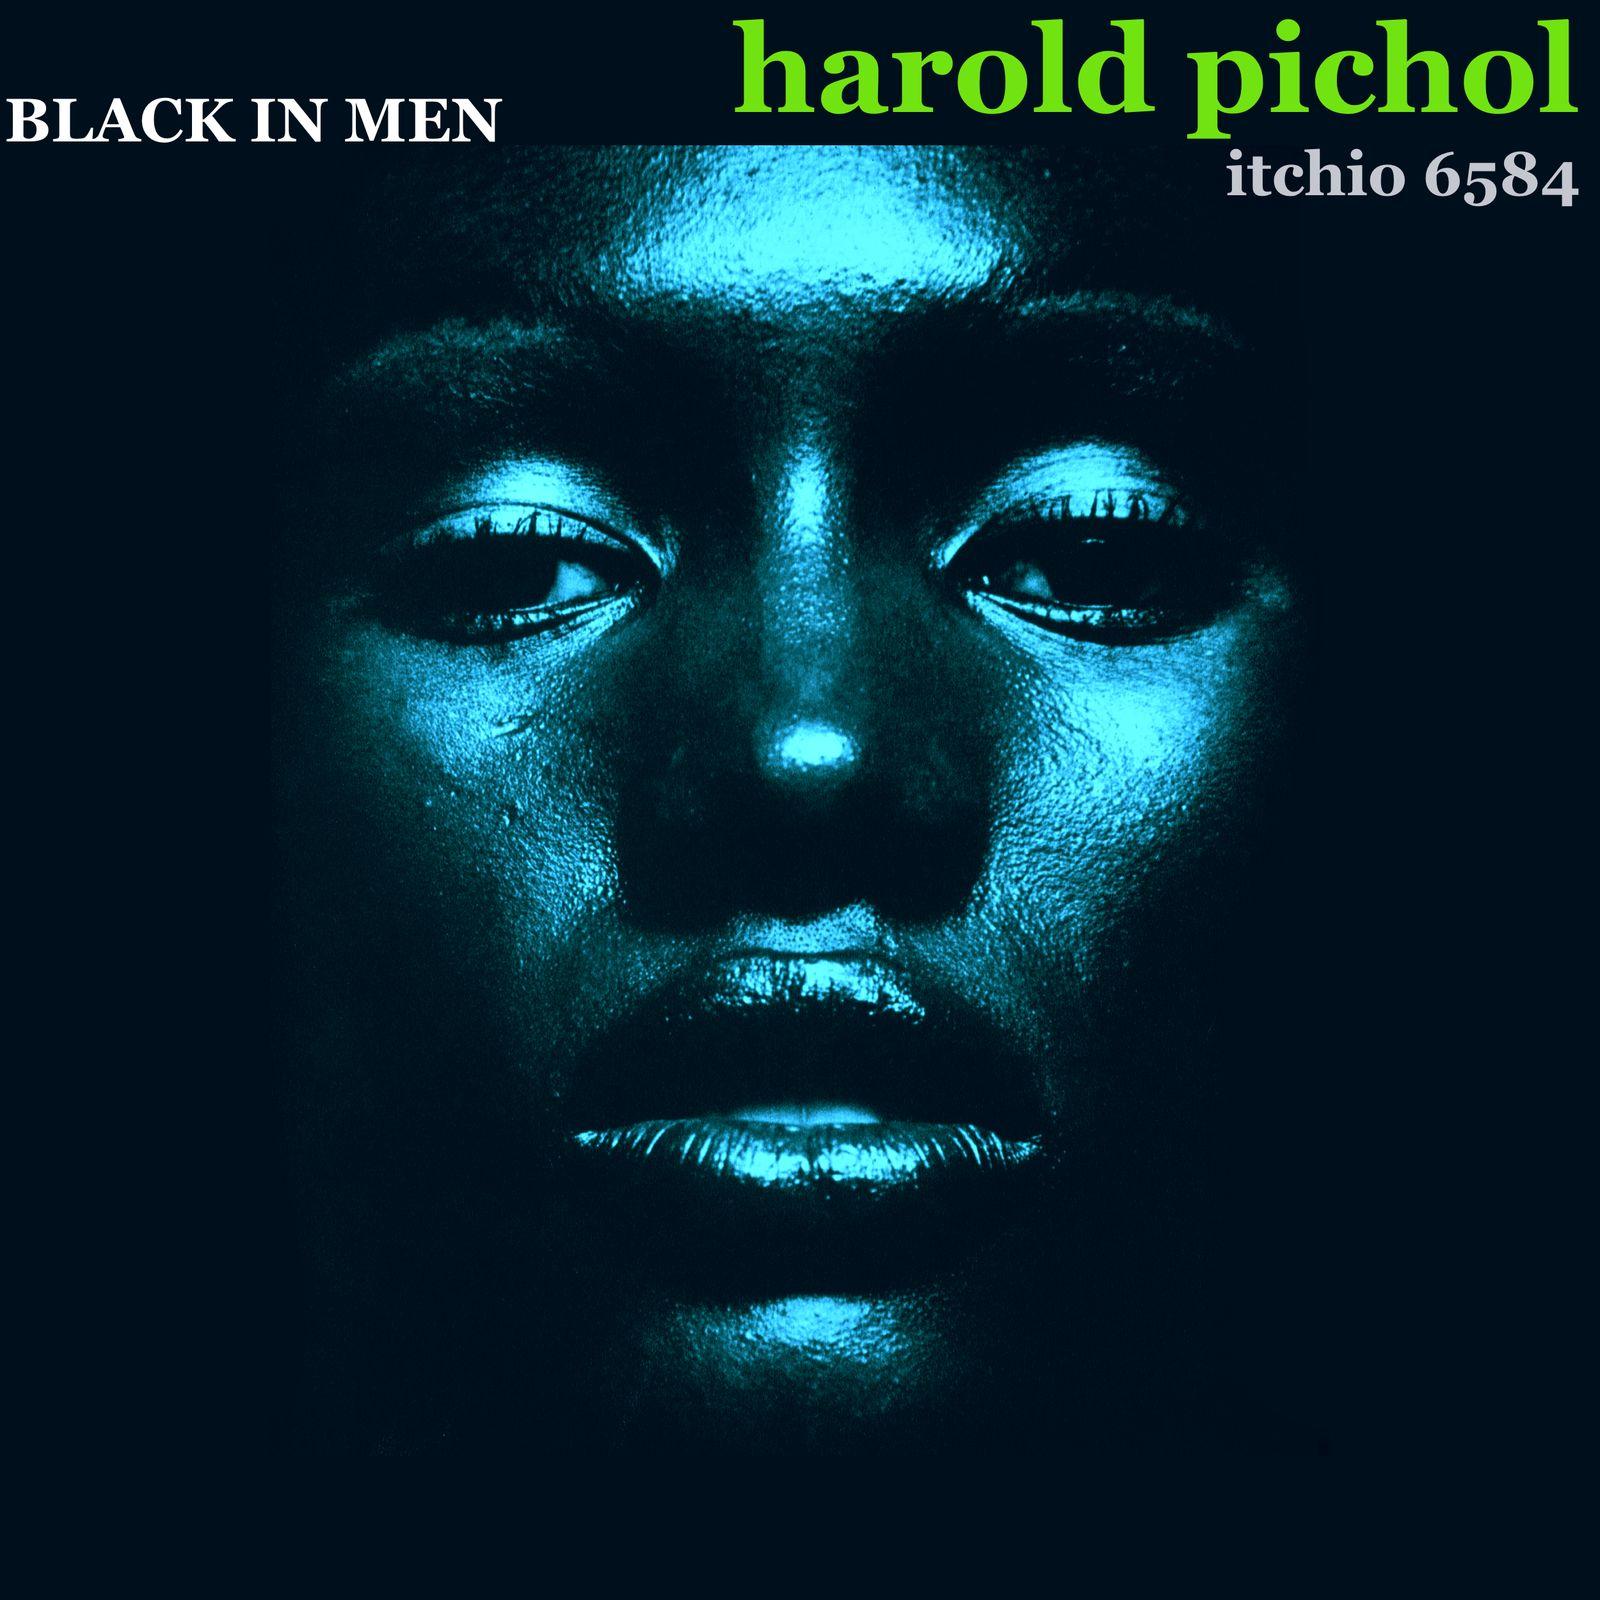 Black In Men